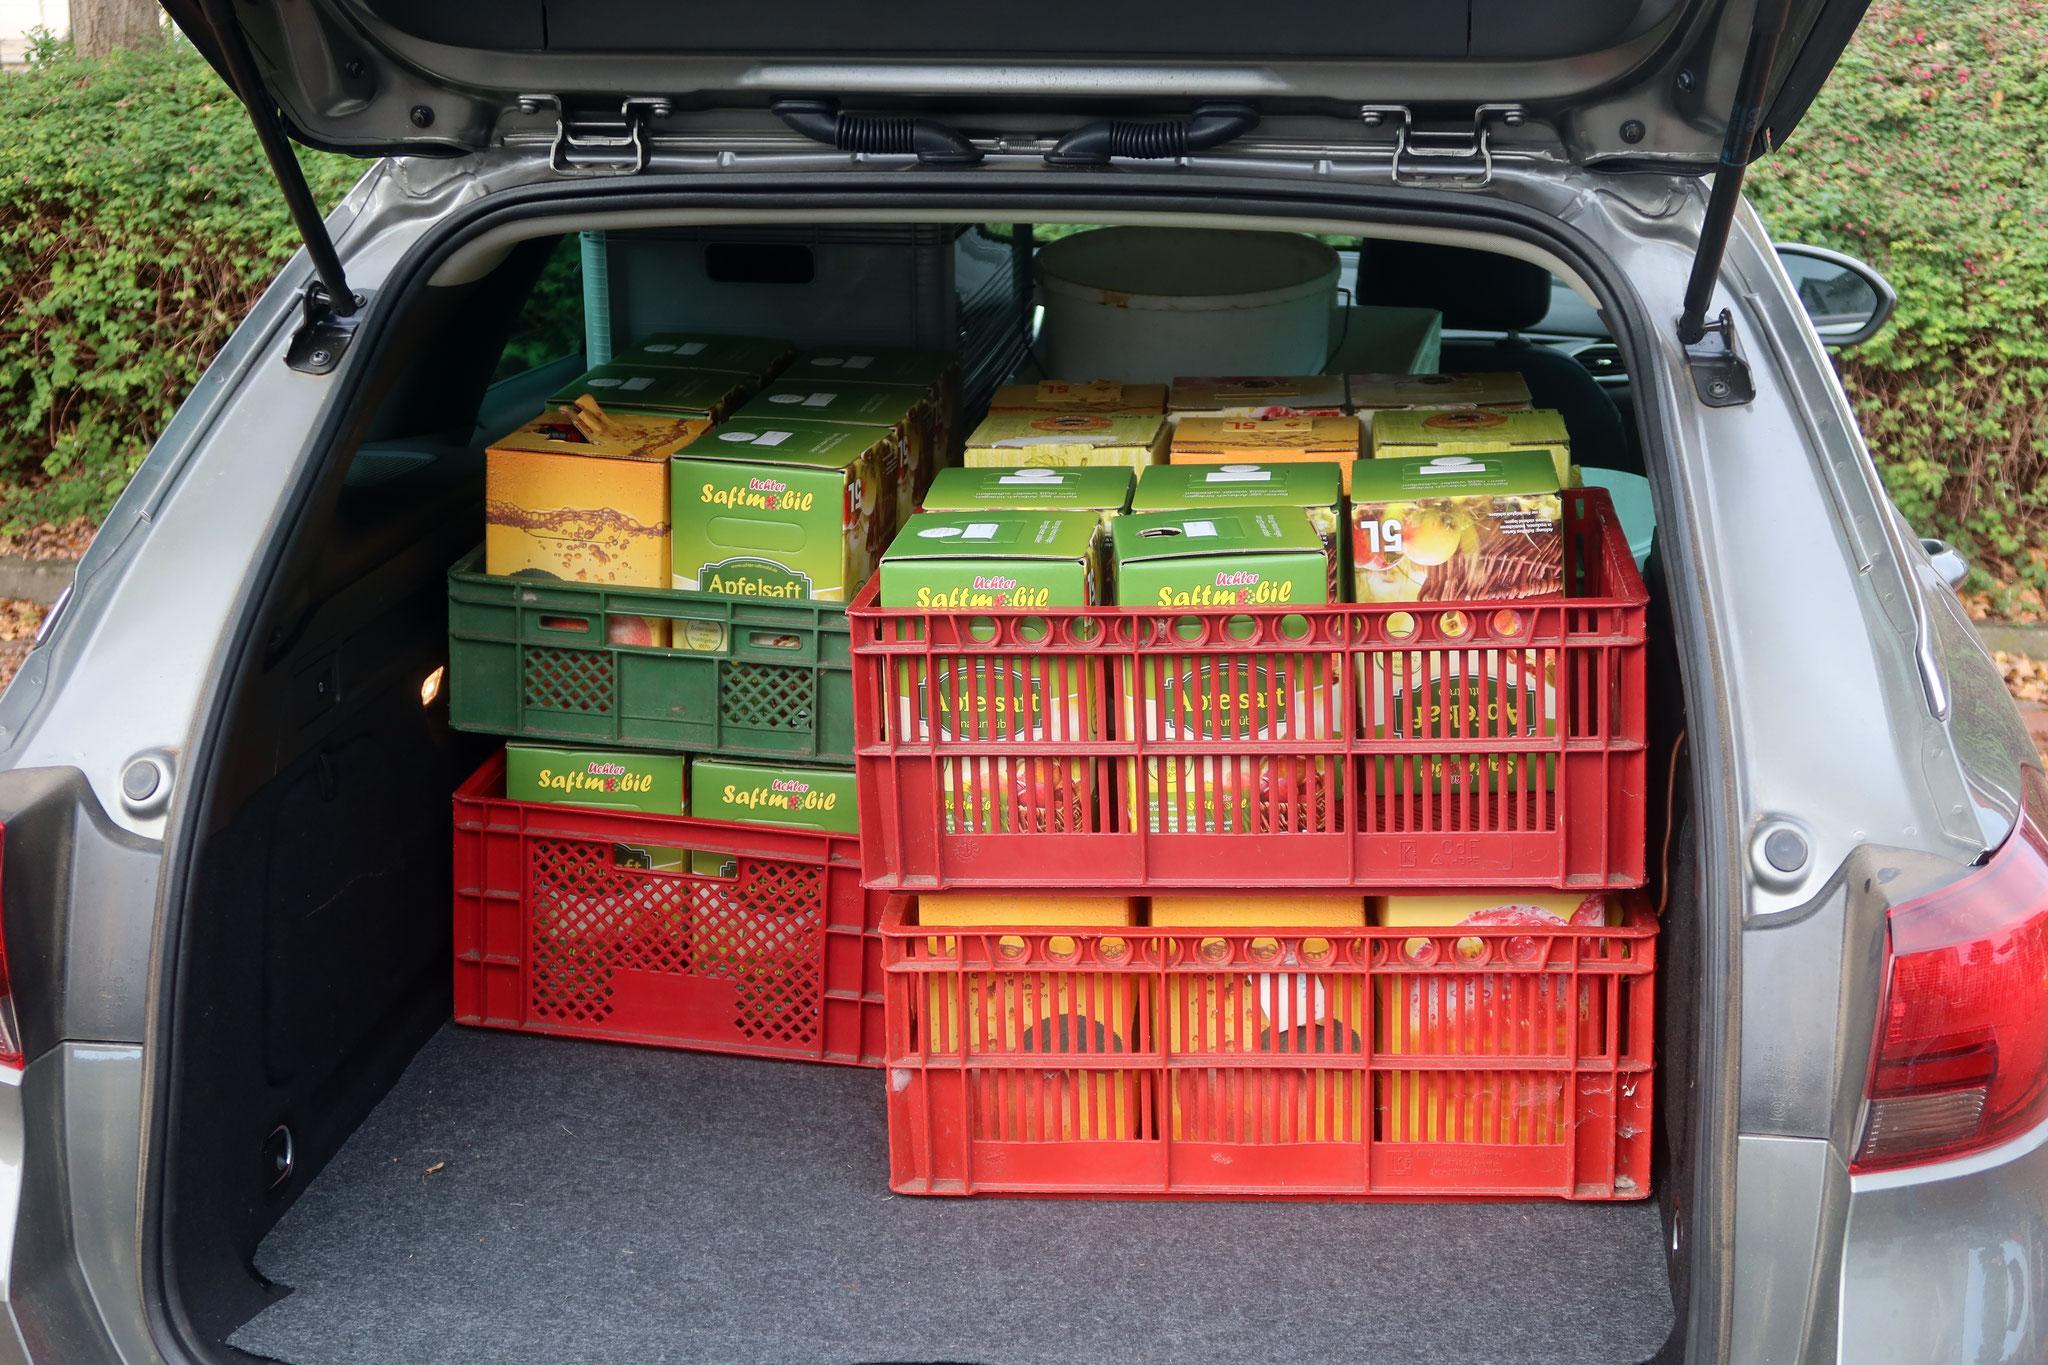 Kofferraum voller Kartons